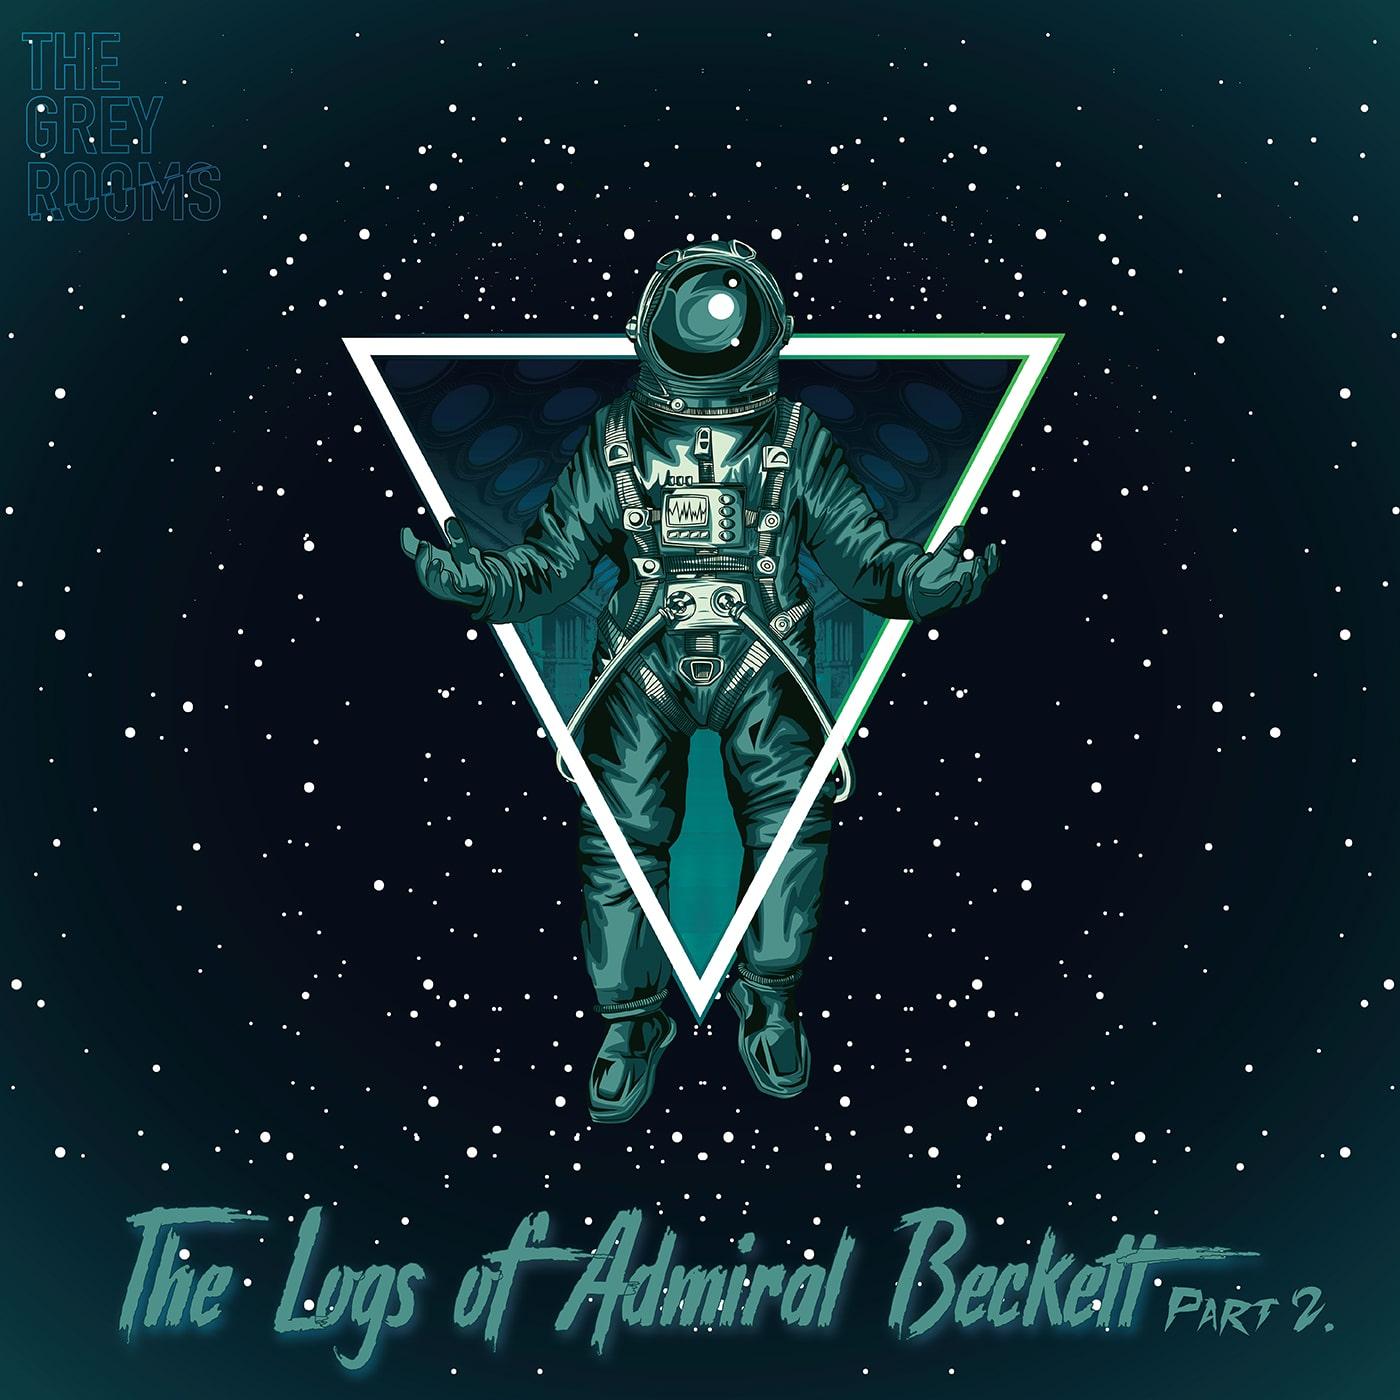 S3 - The Logs of Admiral Beckett - Part 2